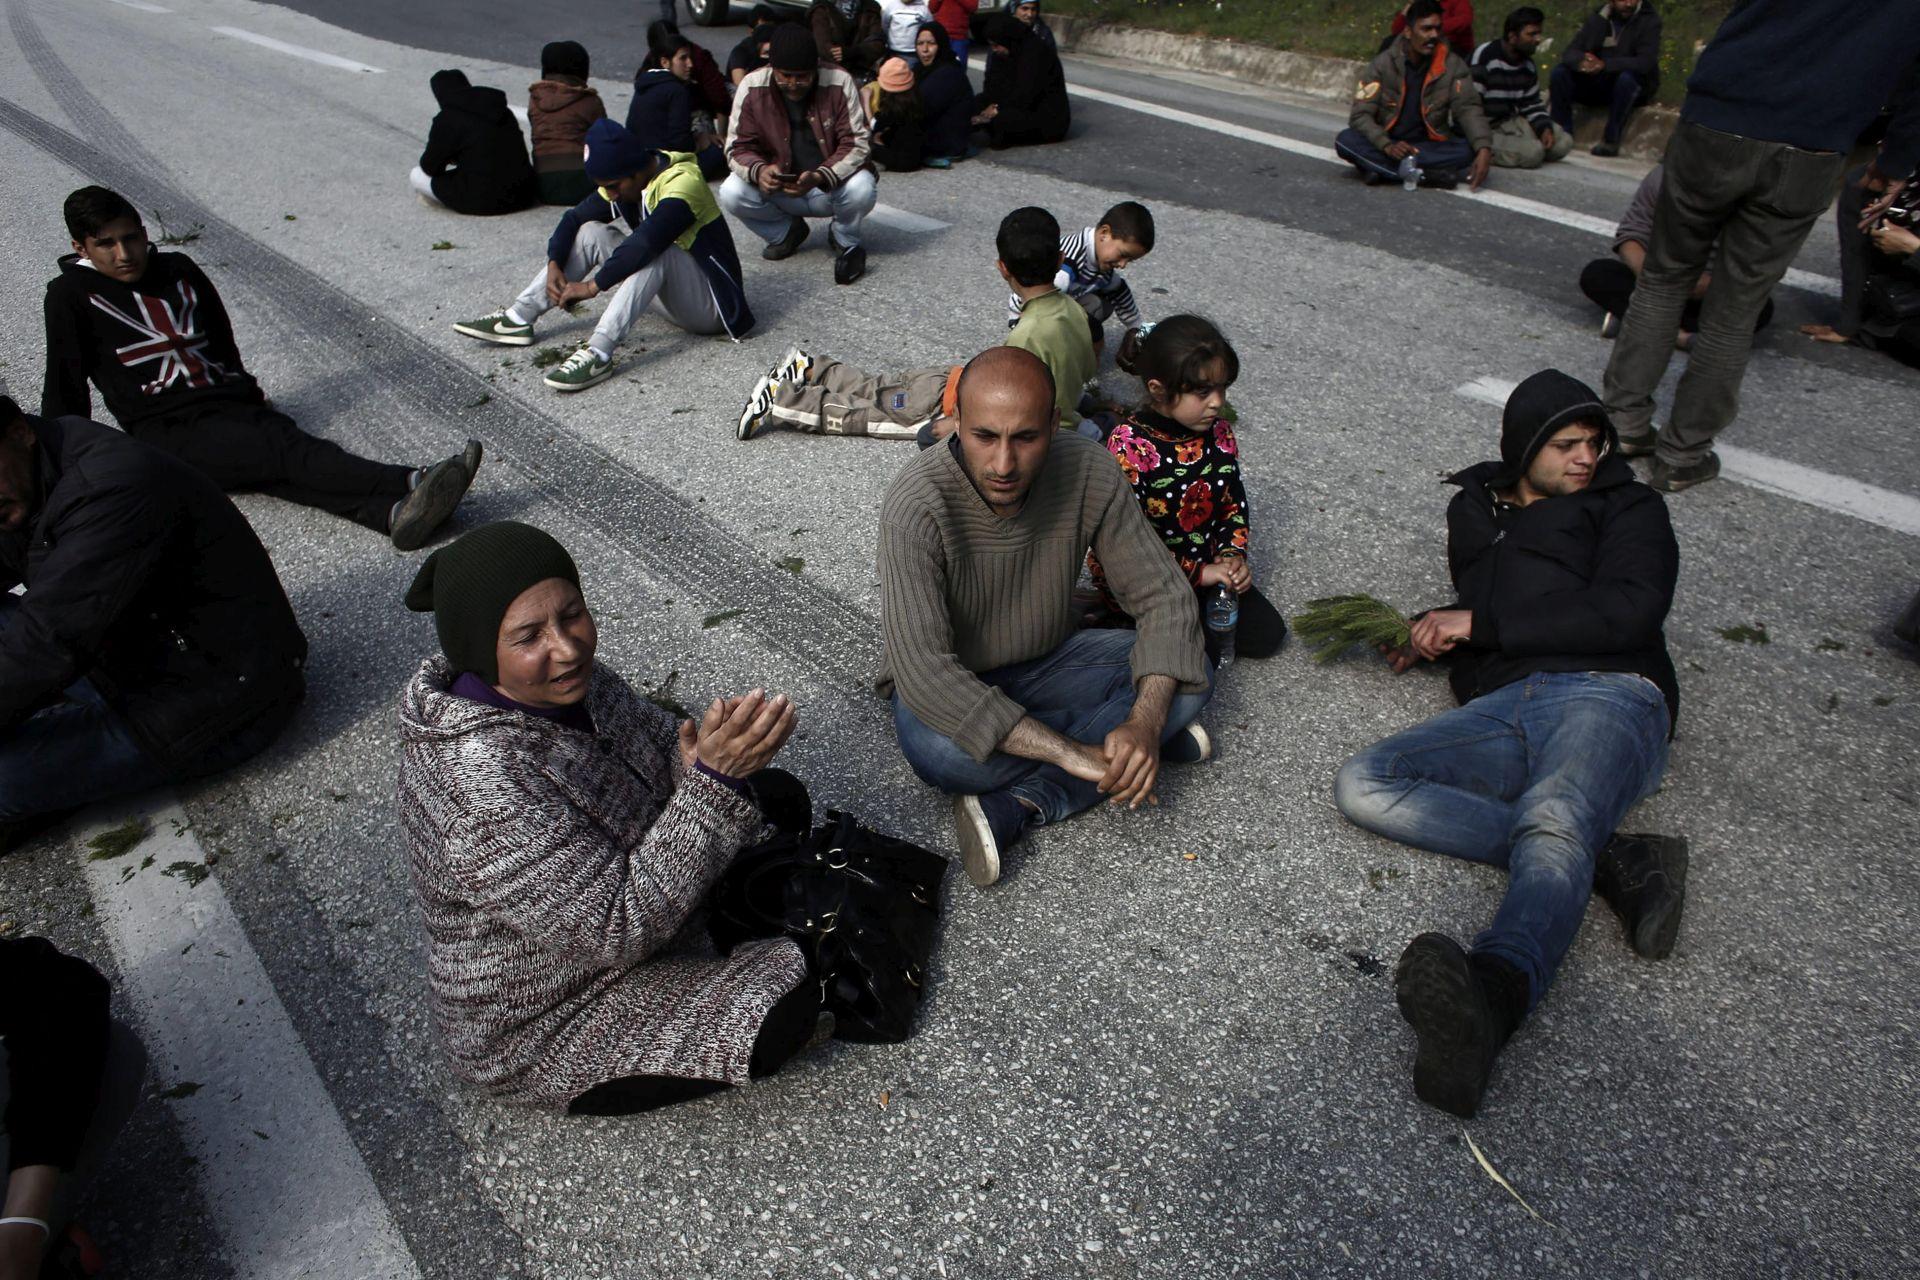 PRIPREME: Neizvjesnost vlada dan prije očekivanog vraćanja migranata u Tursku